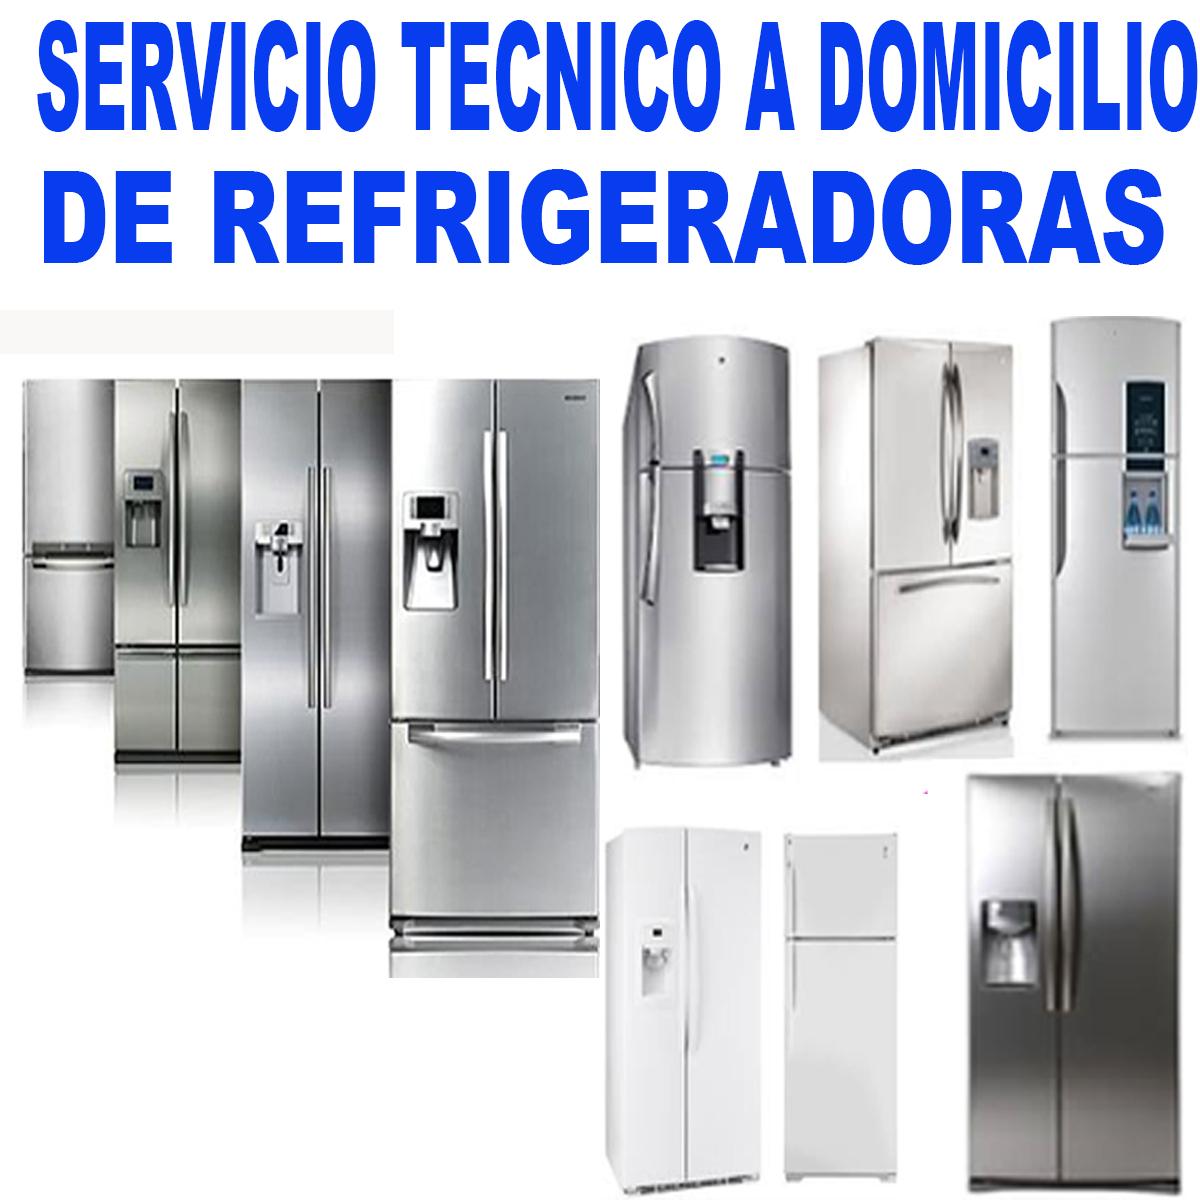 FRIGIDAIRE (A DOMICILIO 639-6713) TECNICOS REFRIGERADORAS